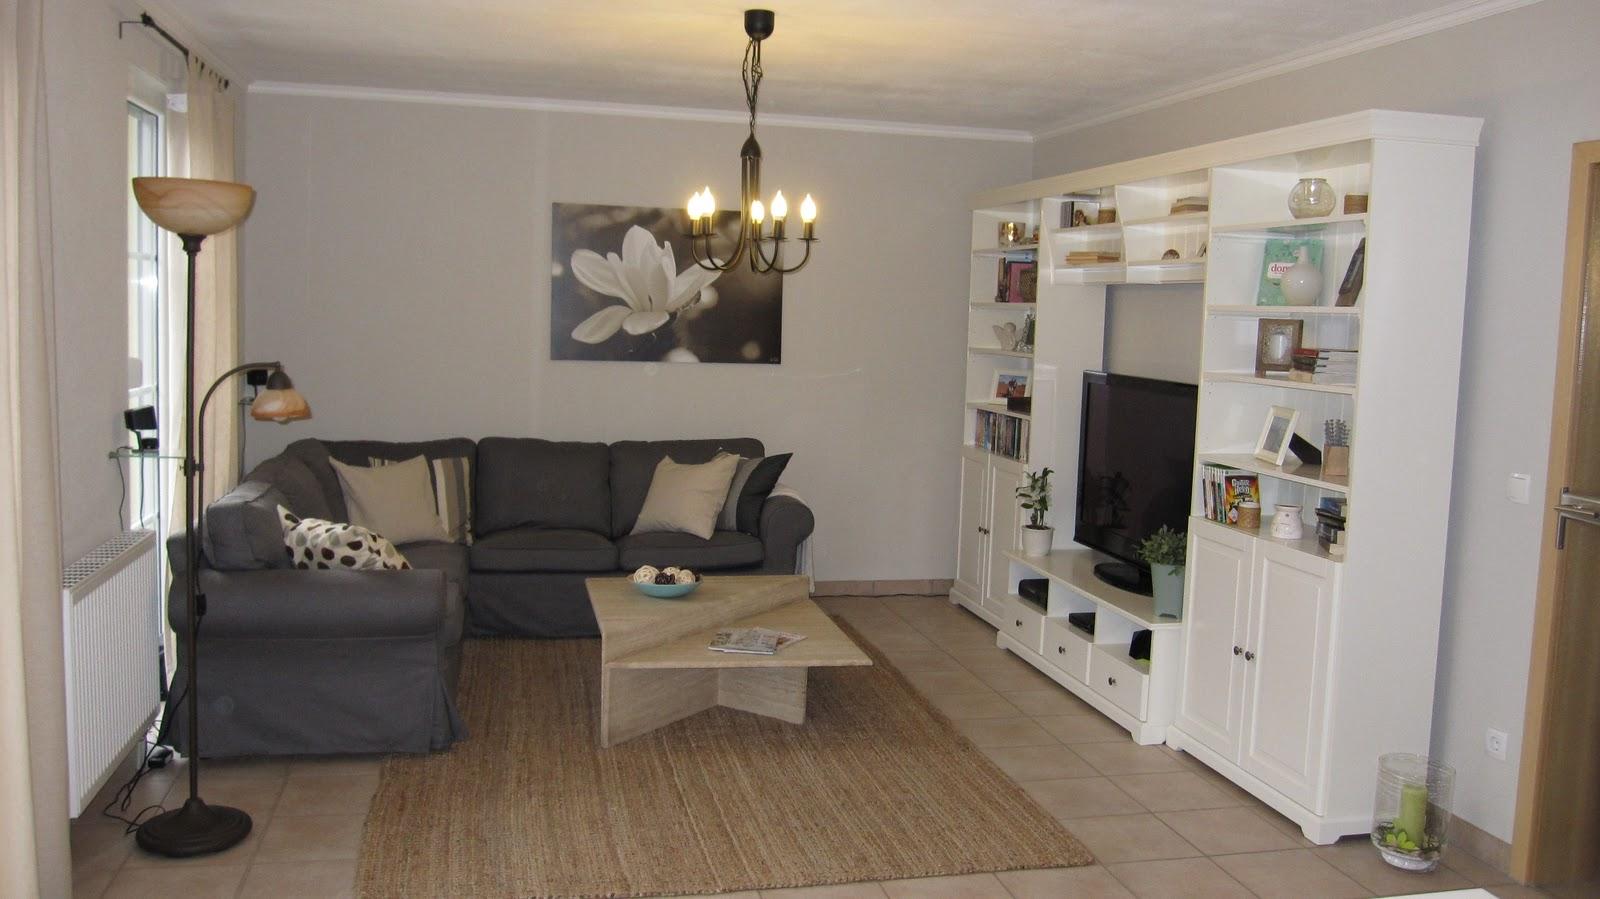 wohnzimmer planen ikea - design more info - Ikea Wohnzimmer